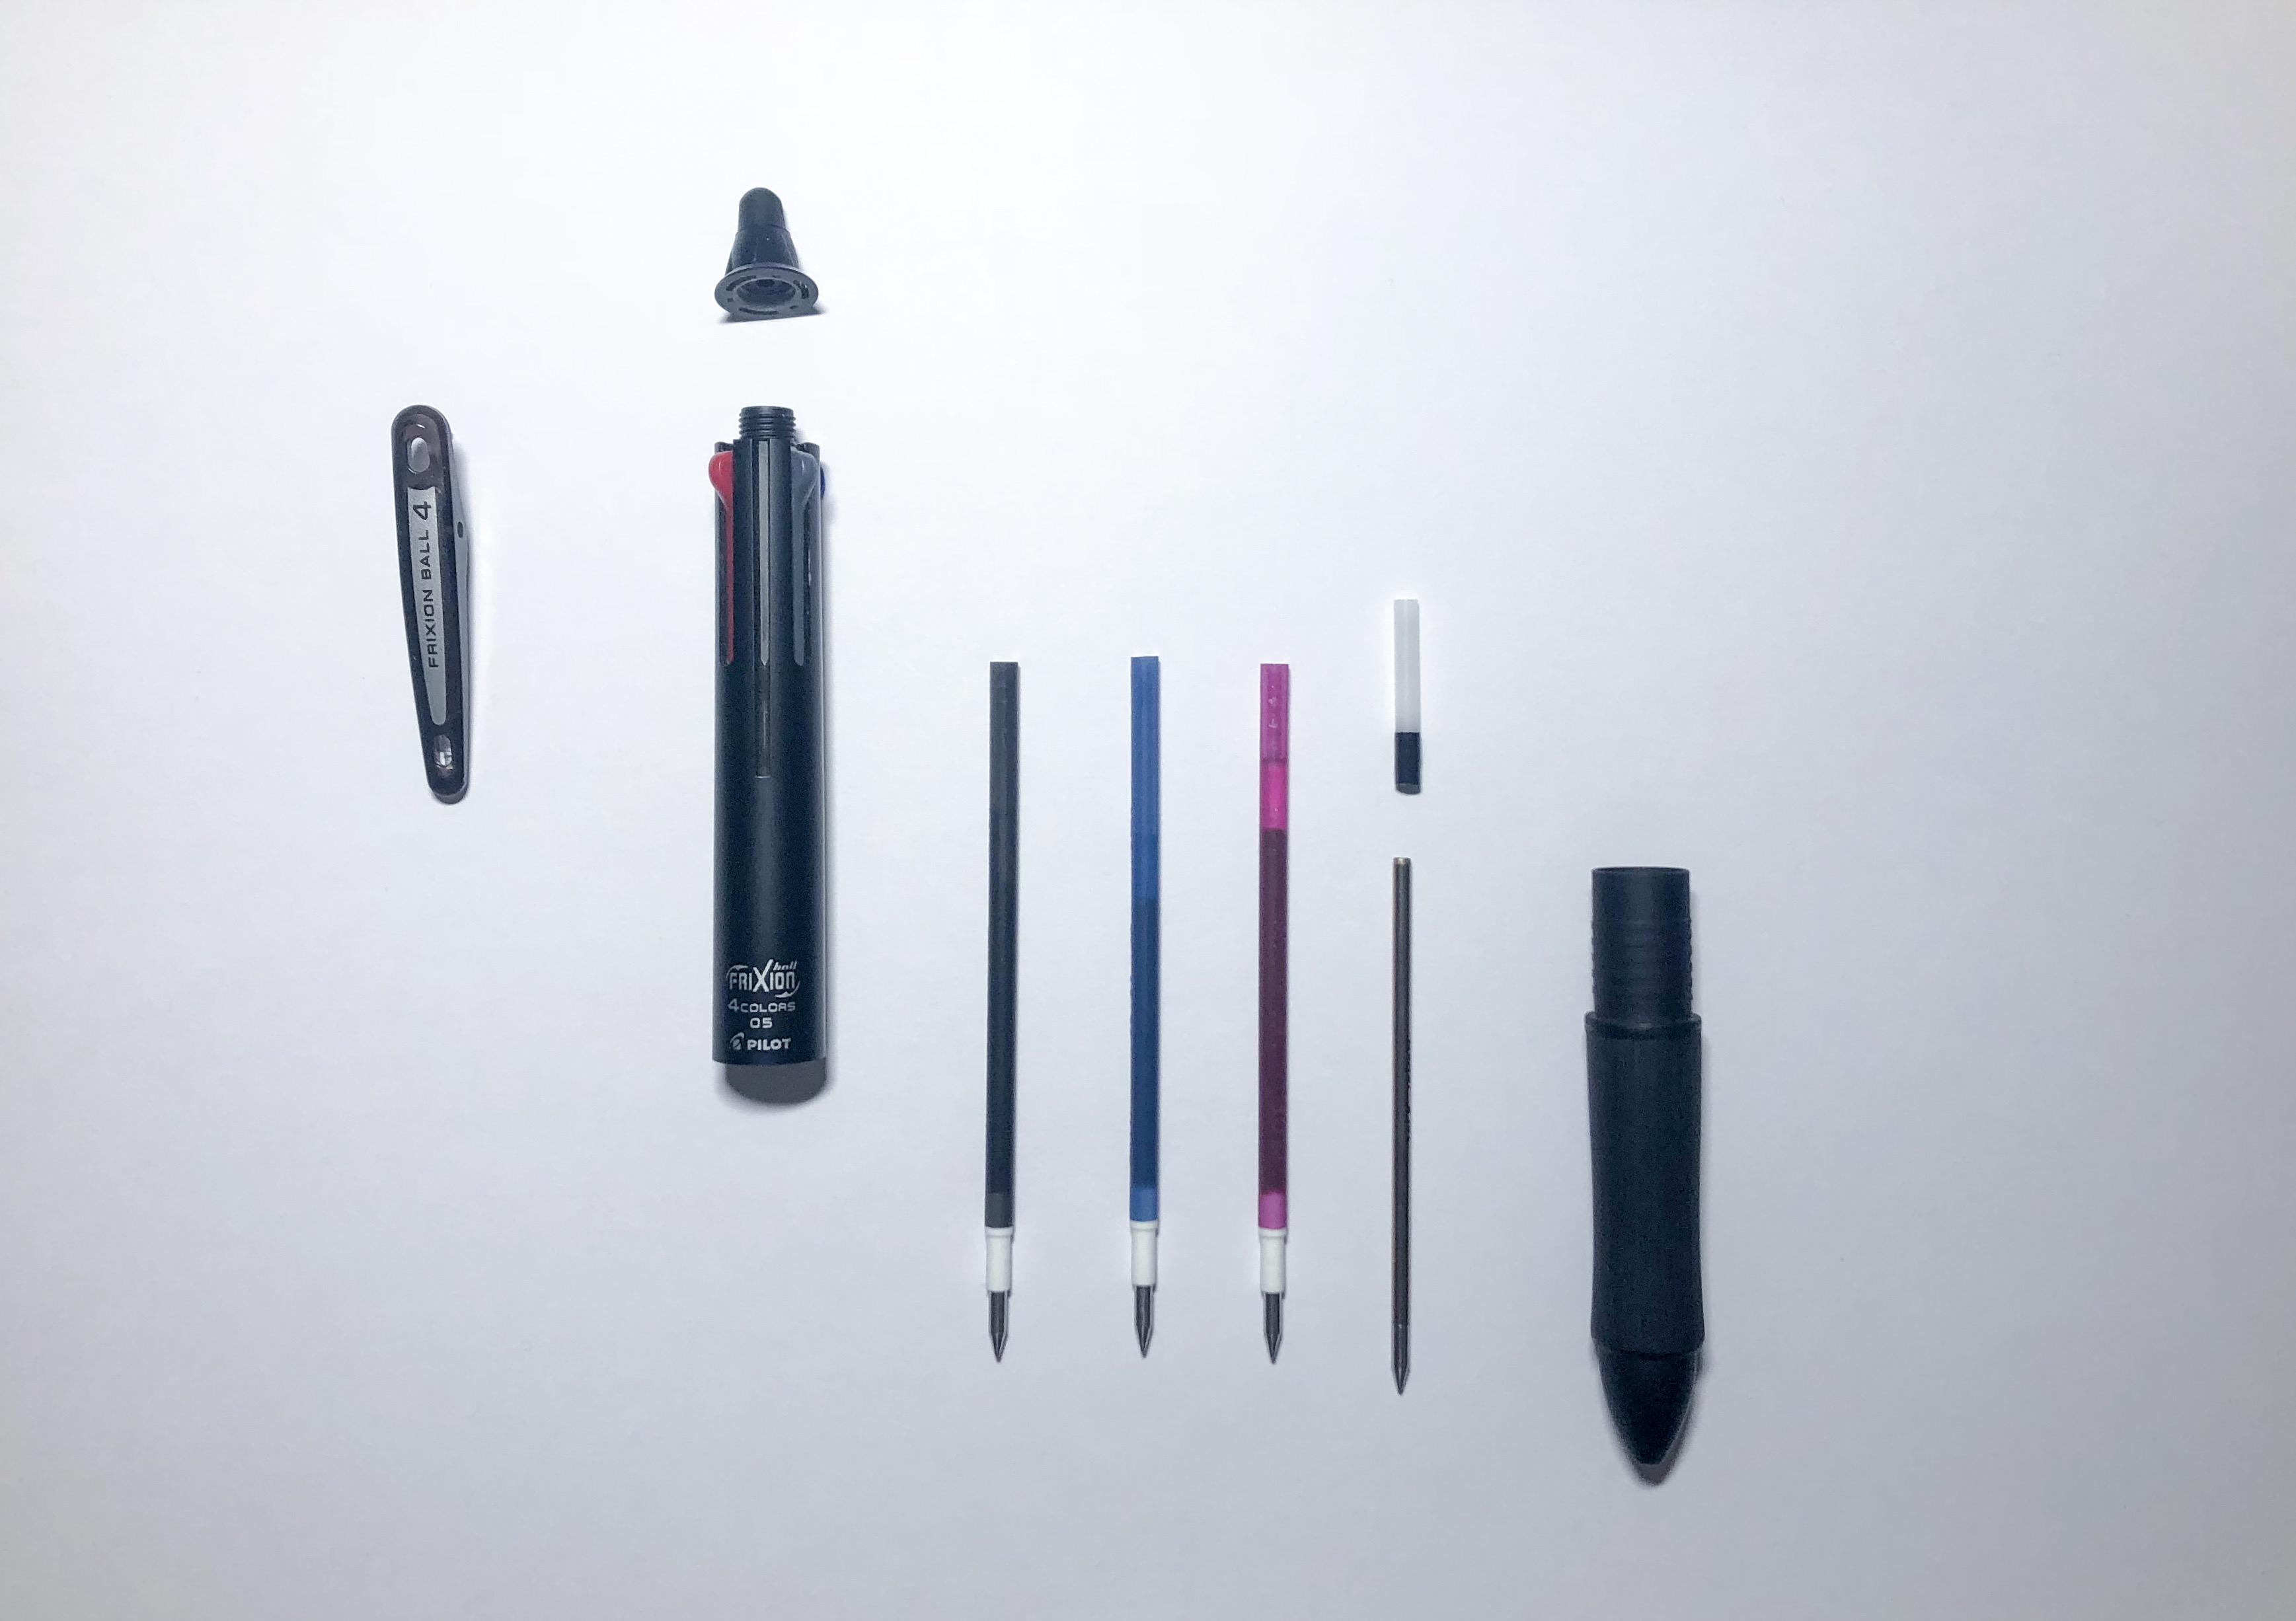 フリクションも油性ボールペンもこれ1本 就活にもビジネスにも役立つこだわりの1本を作ろう